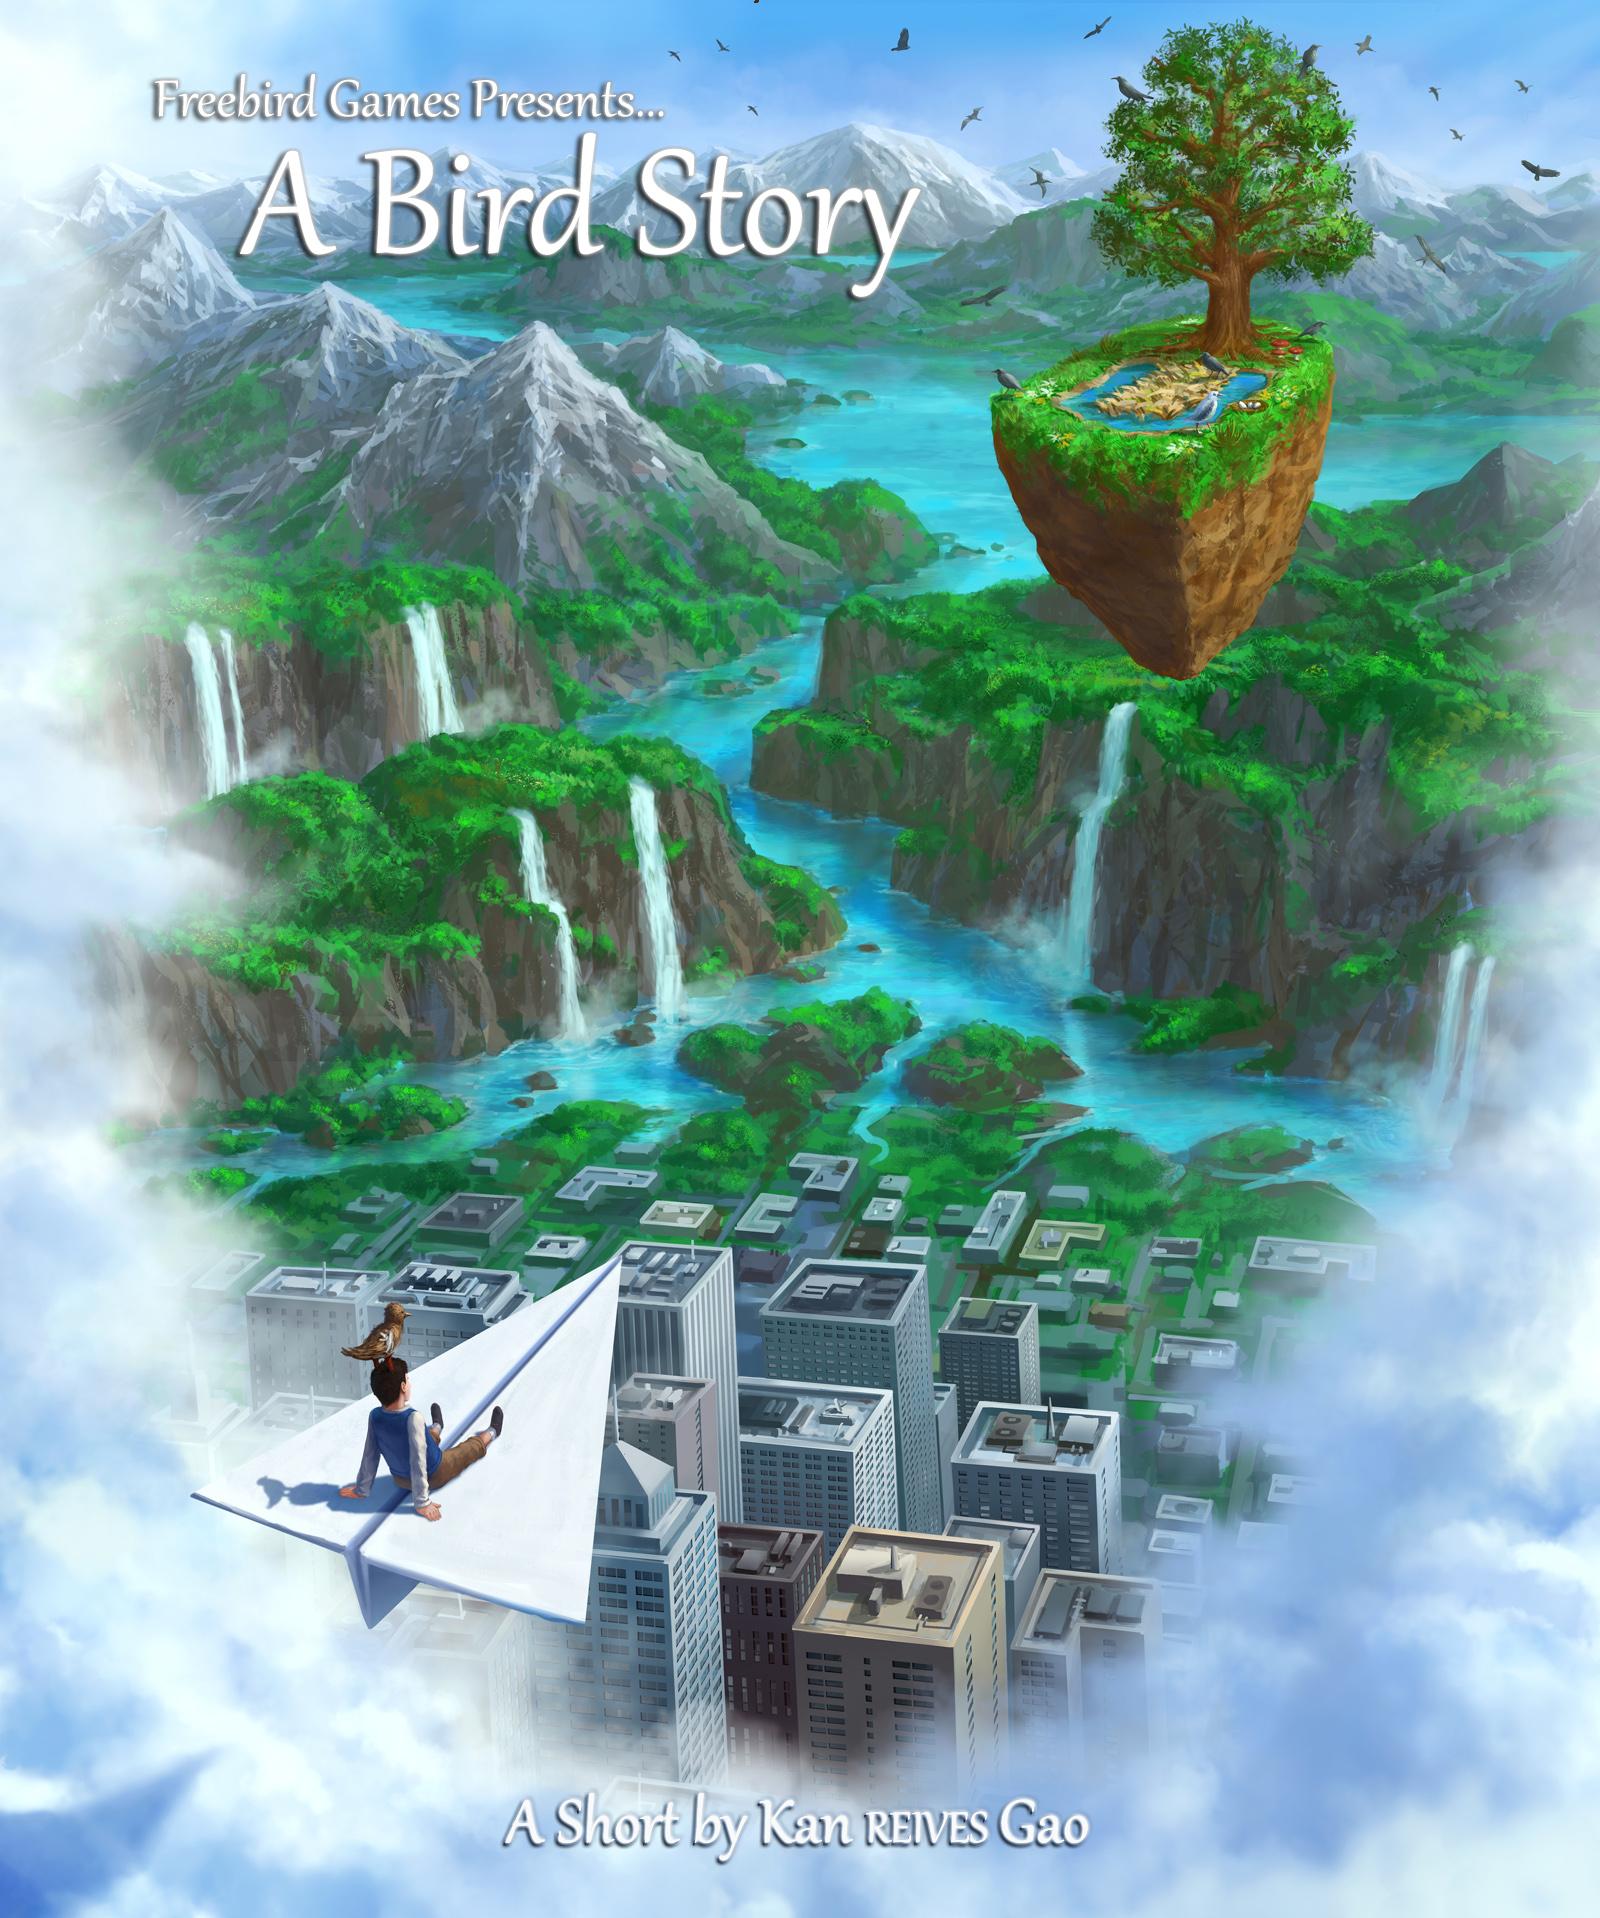 a_bird_story-Joakim-poster_med